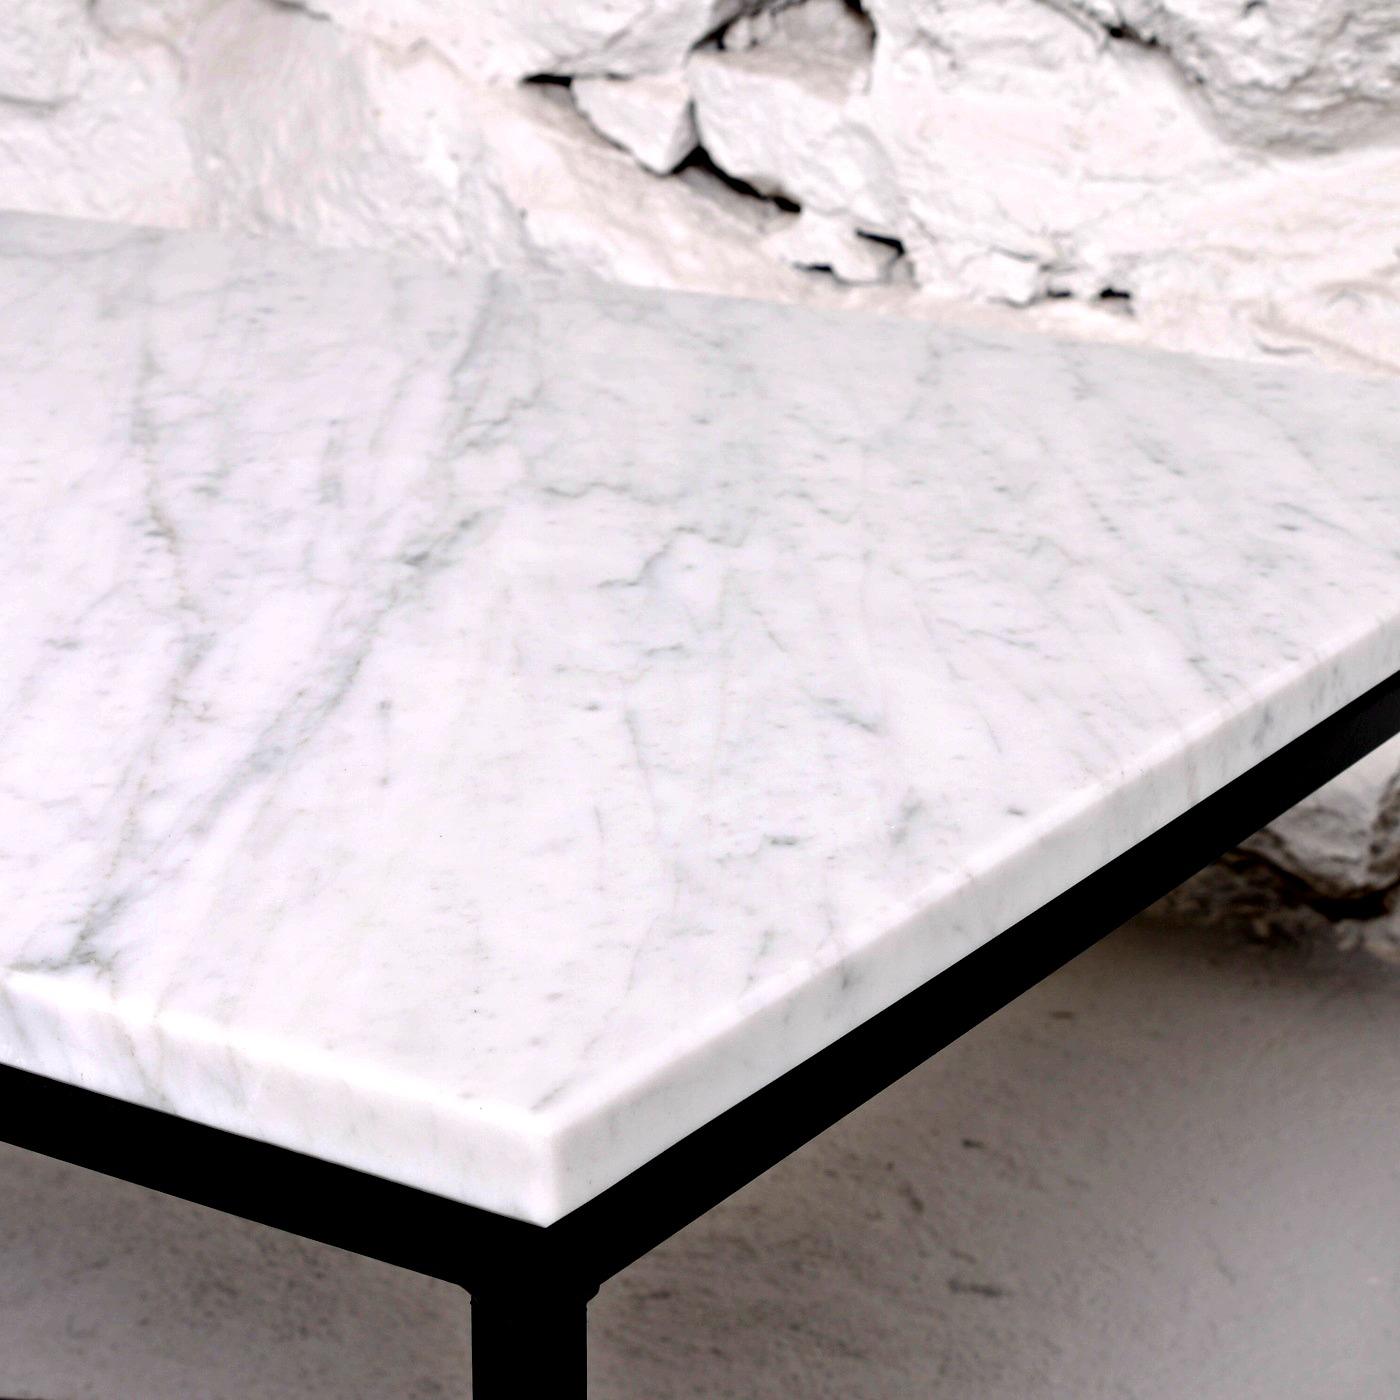 Vit marmorskiva och svart metallunderrede